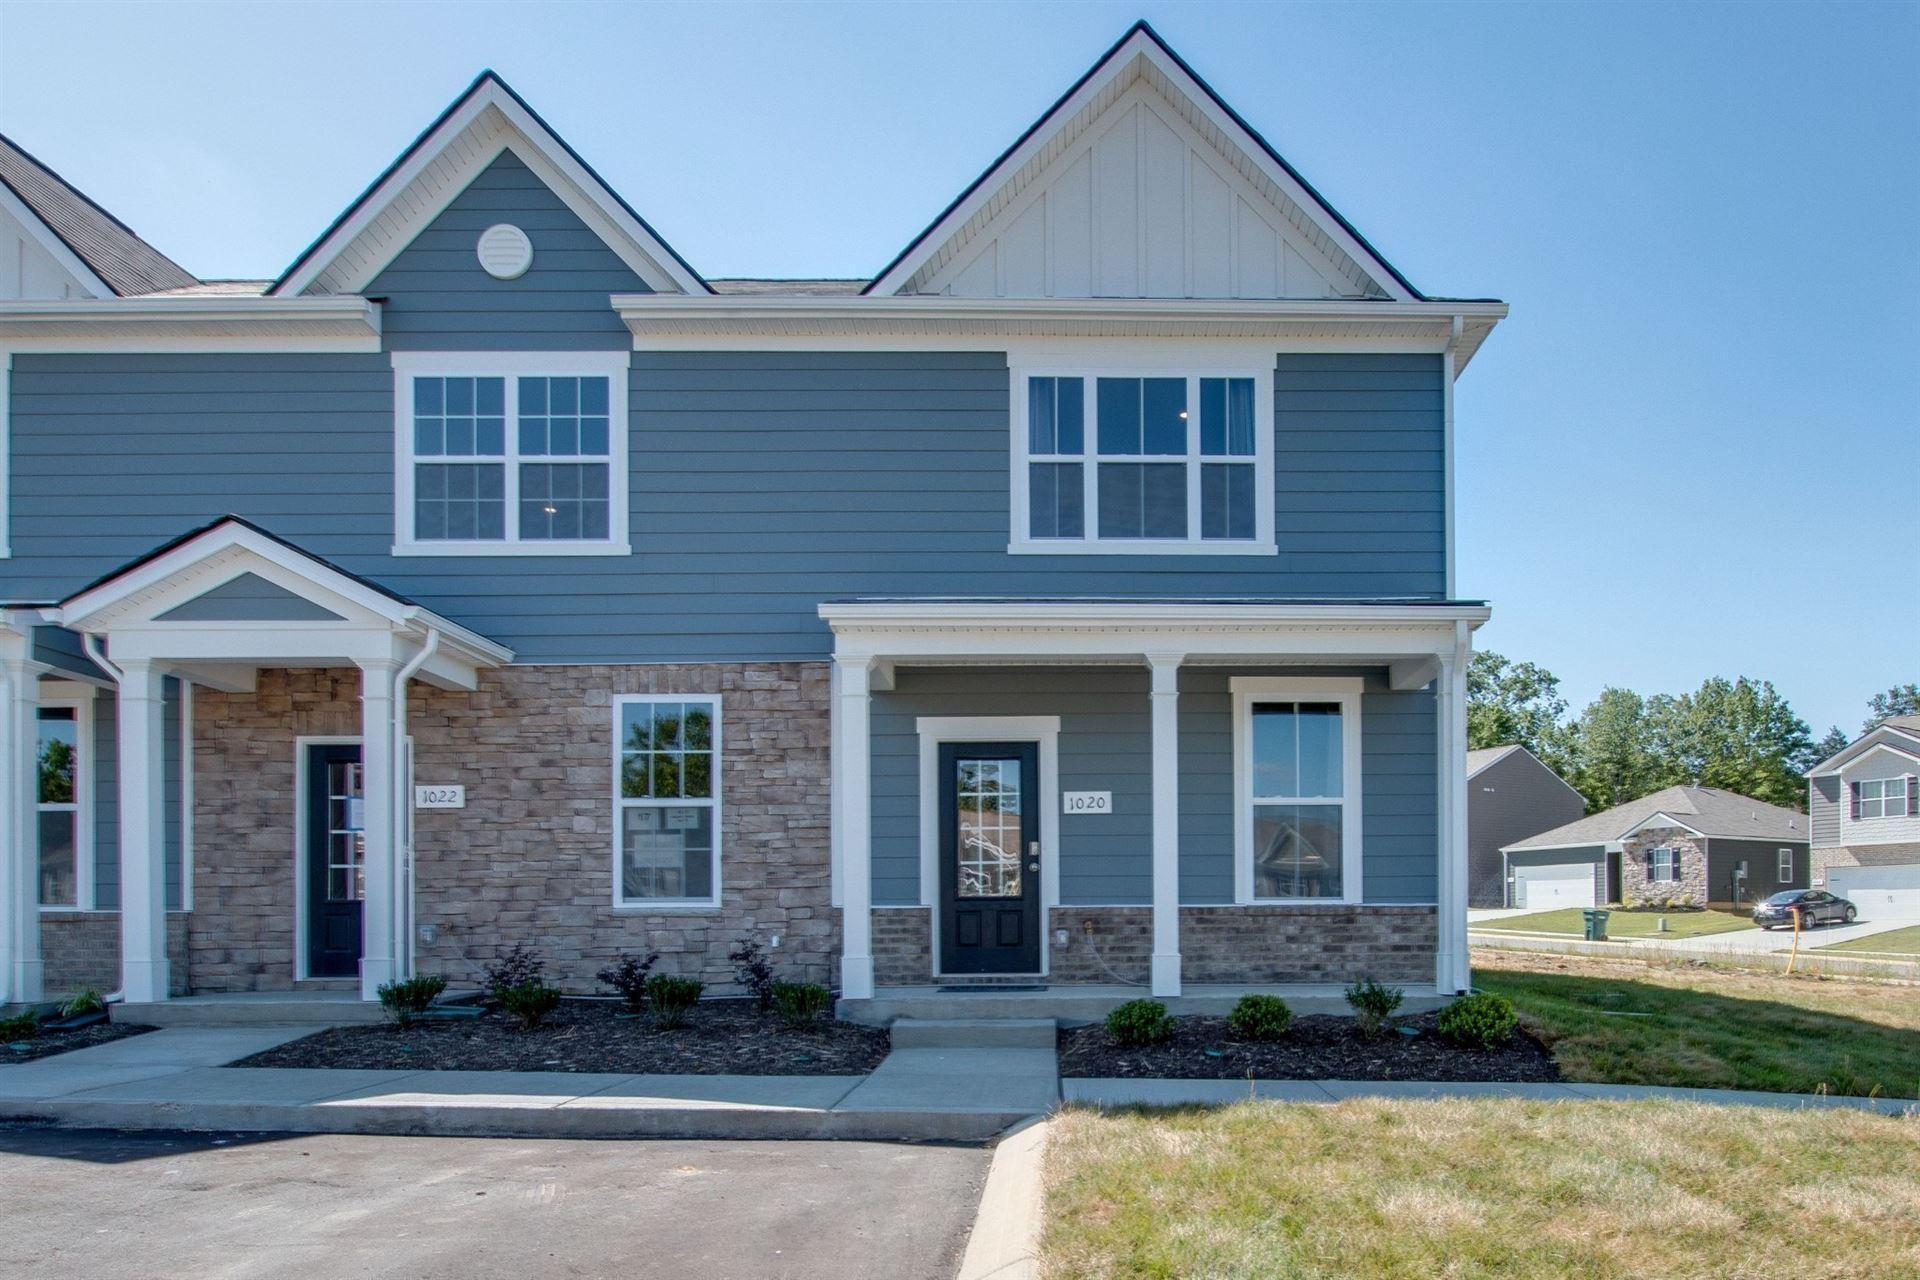 600 Clifford Heights Lot # 17, Columbia, TN 38401 - MLS#: 2234165